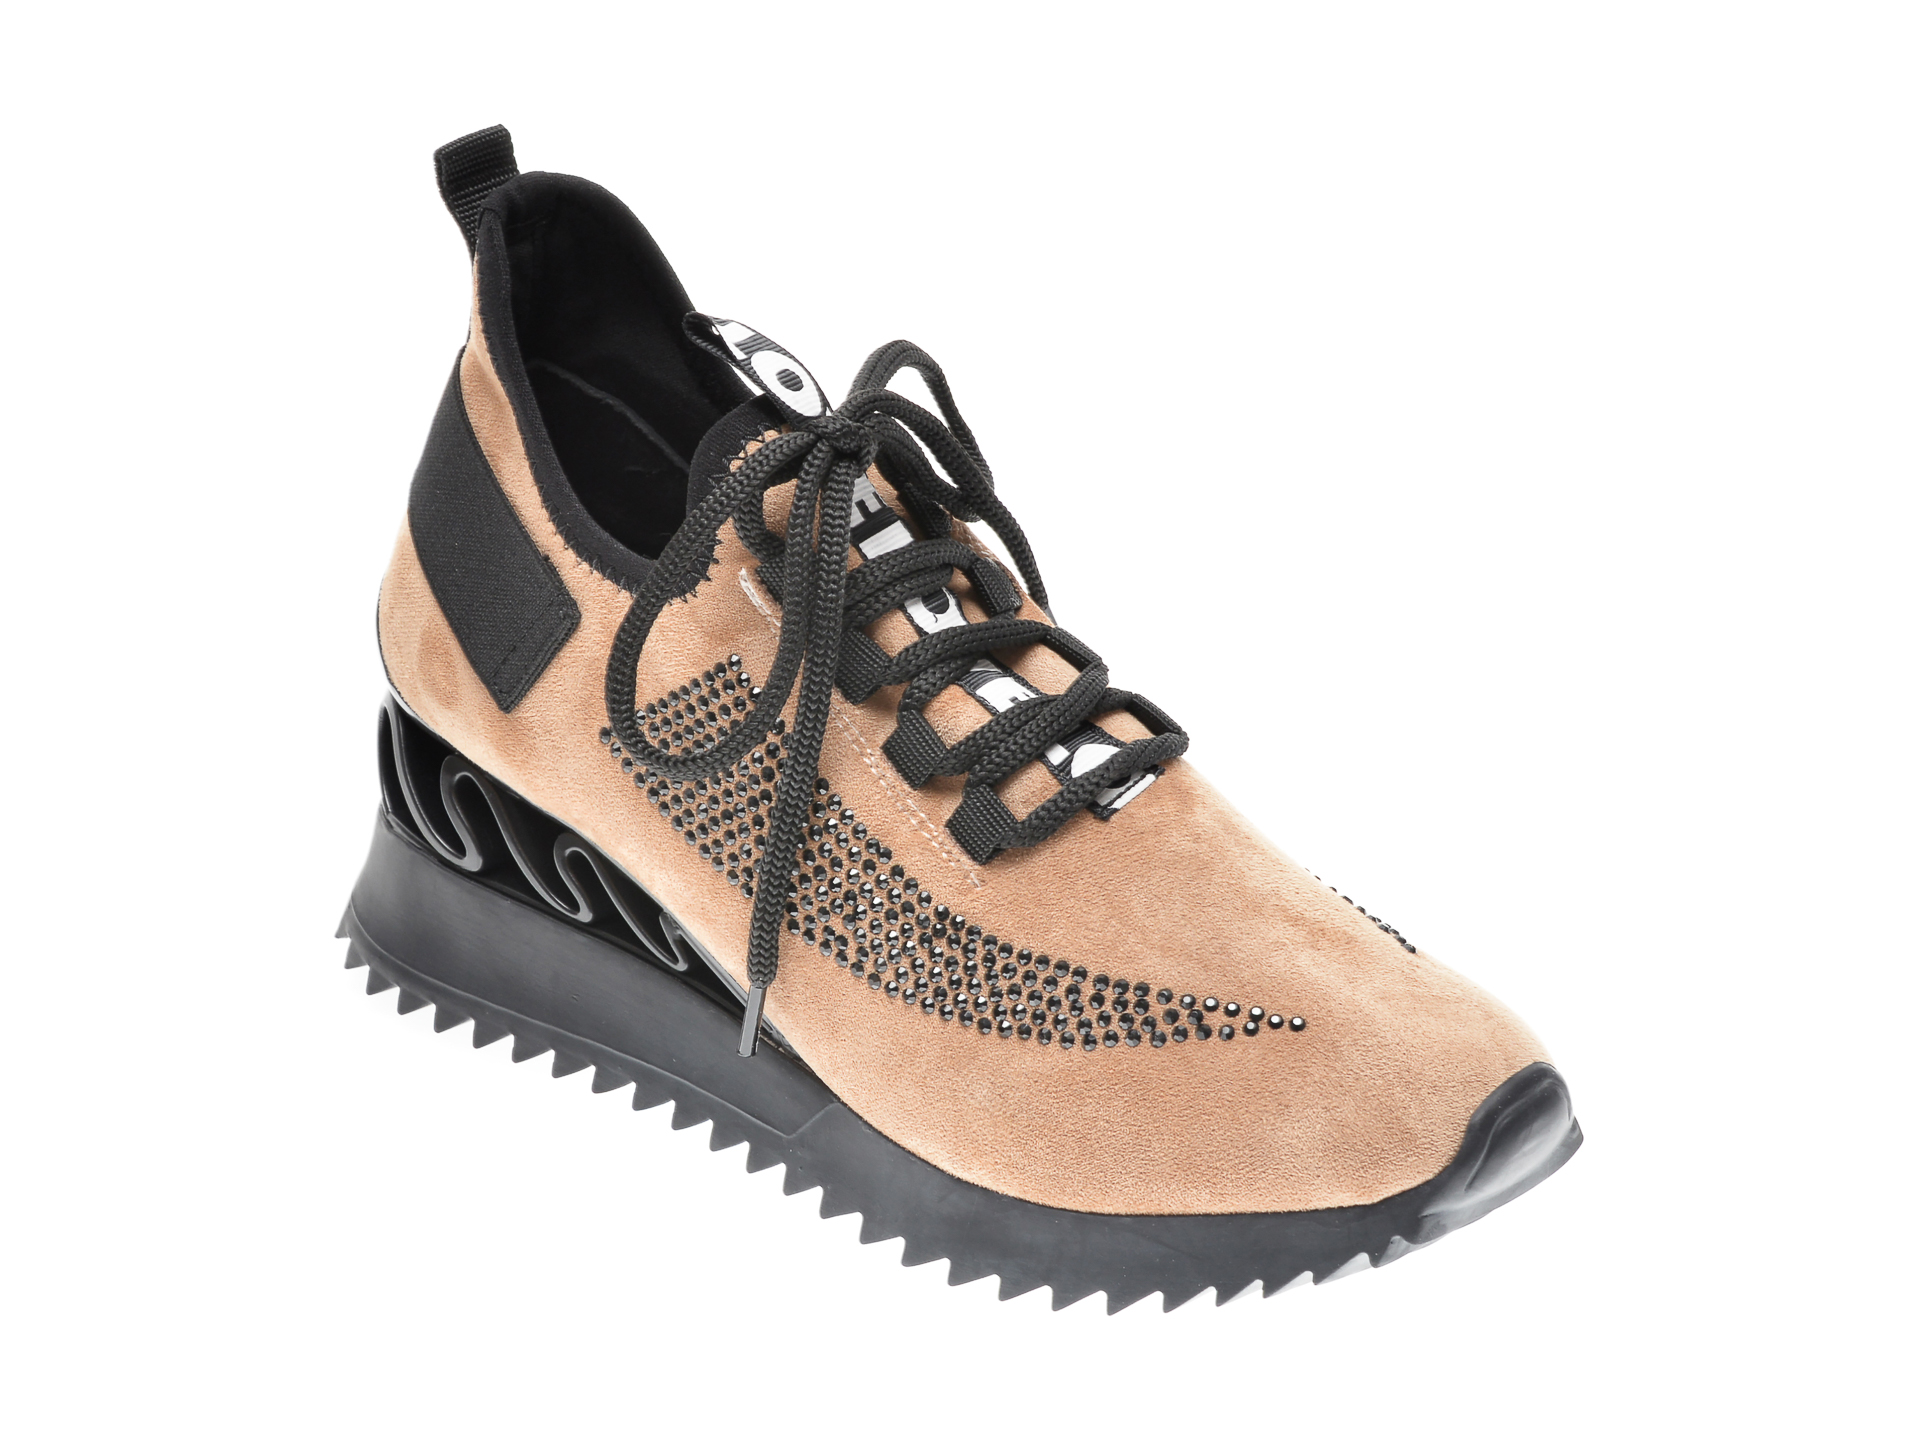 Pantofi sport GRYXX maro, MK8856, din piele ecologica